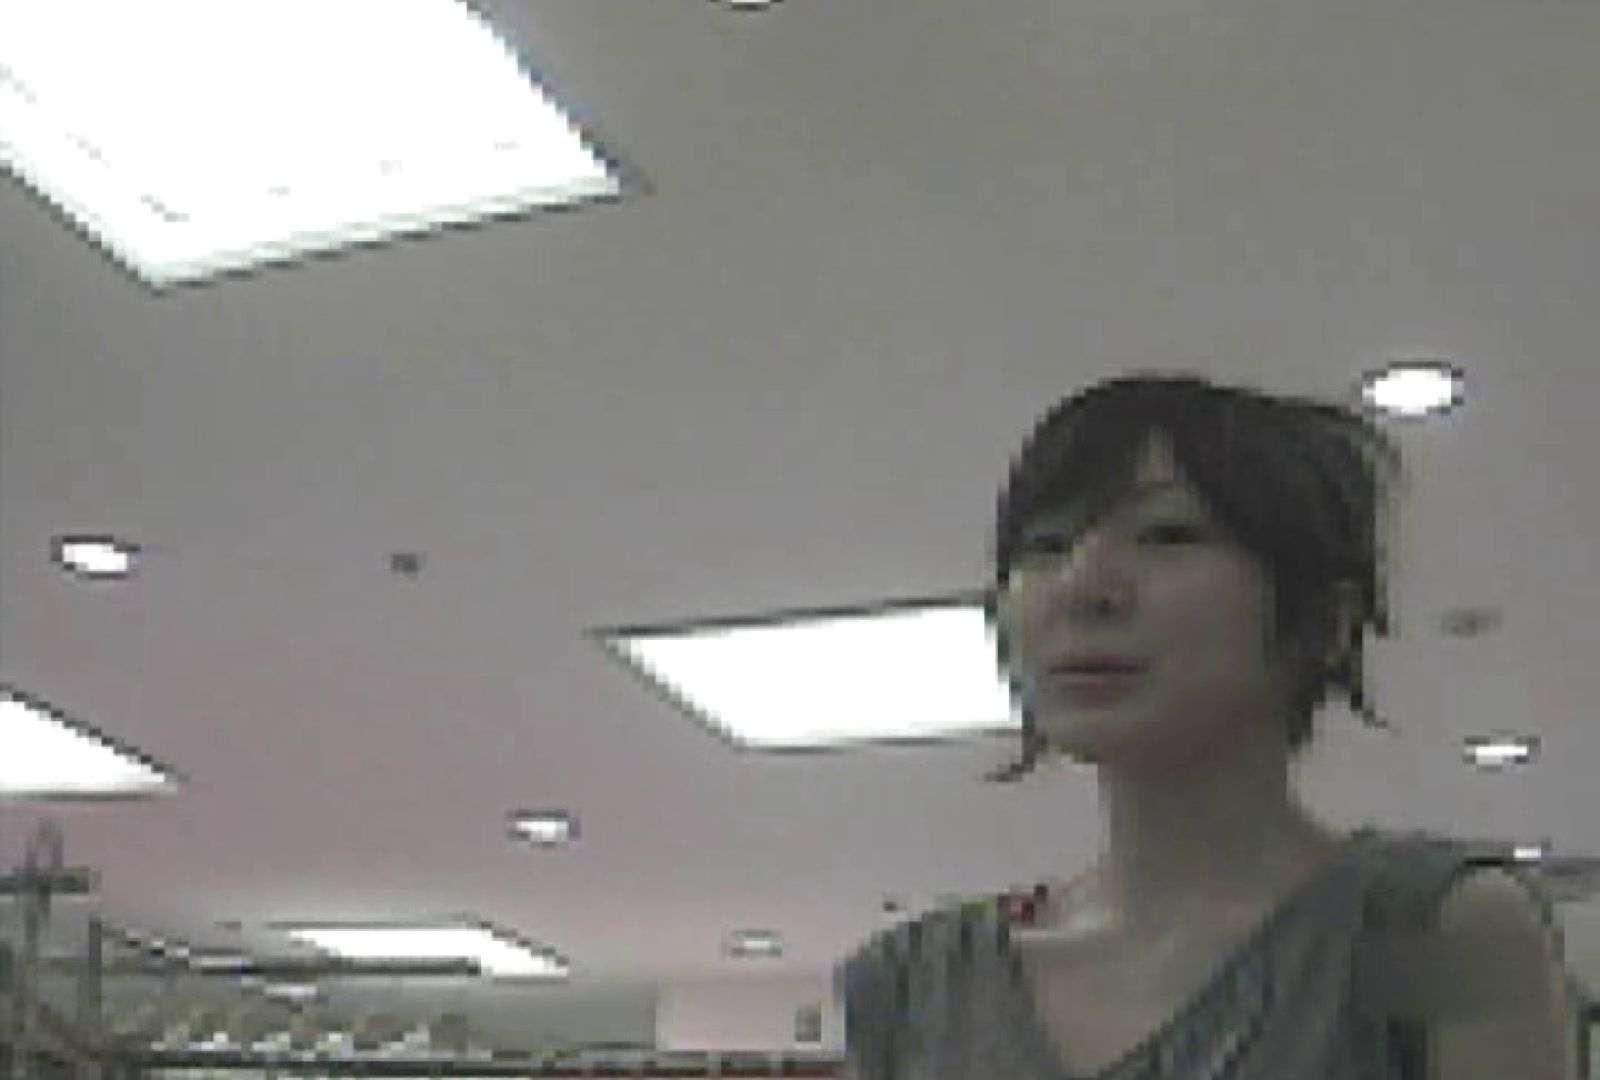 ショップ店員のパンチラアクシデント Vol.29 OLエロ画像  67PICs 48